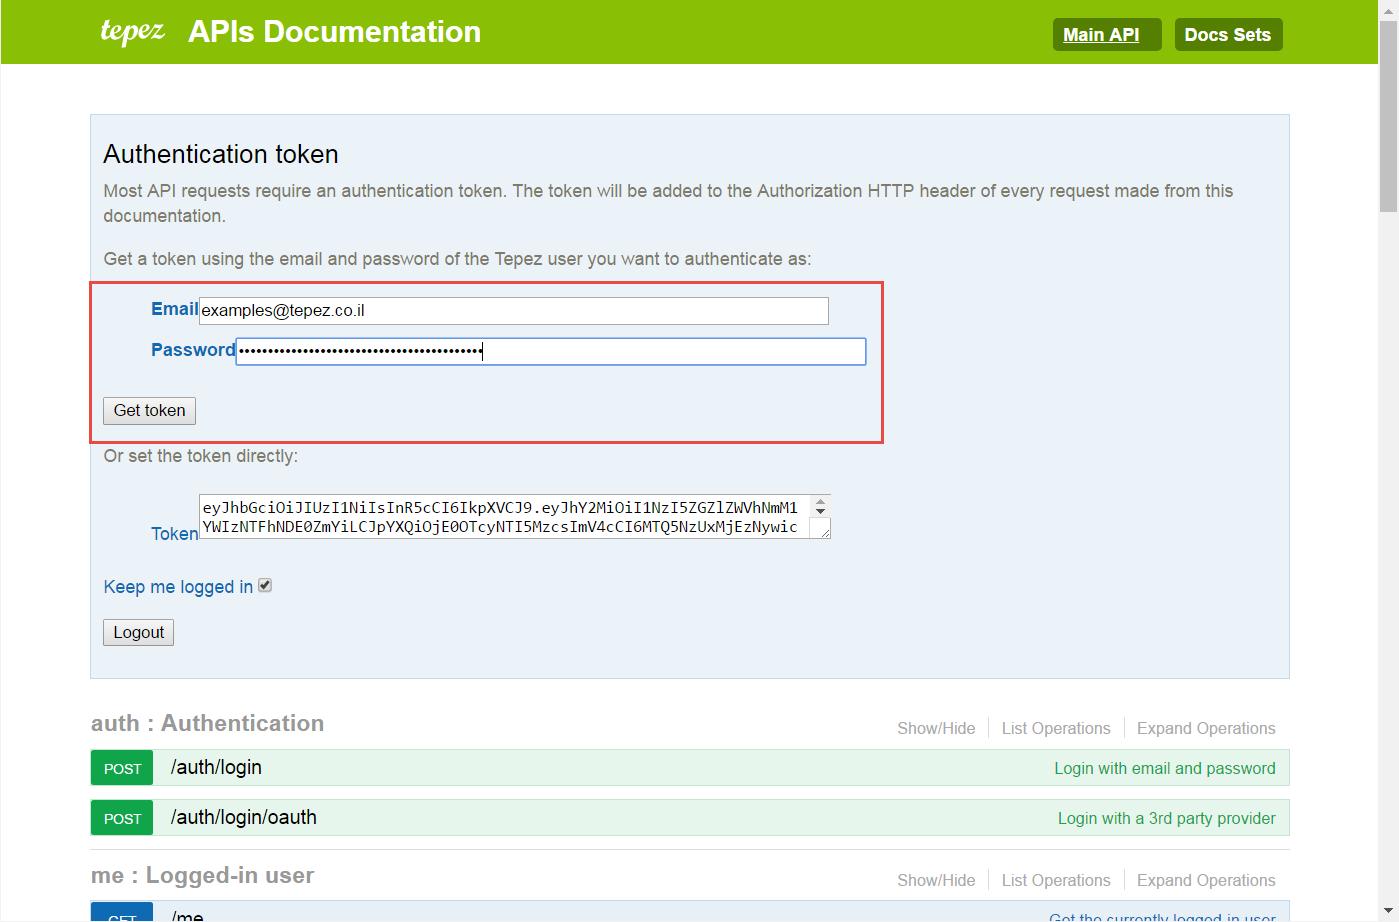 אימות משתמש באתר תיעוד ה-API